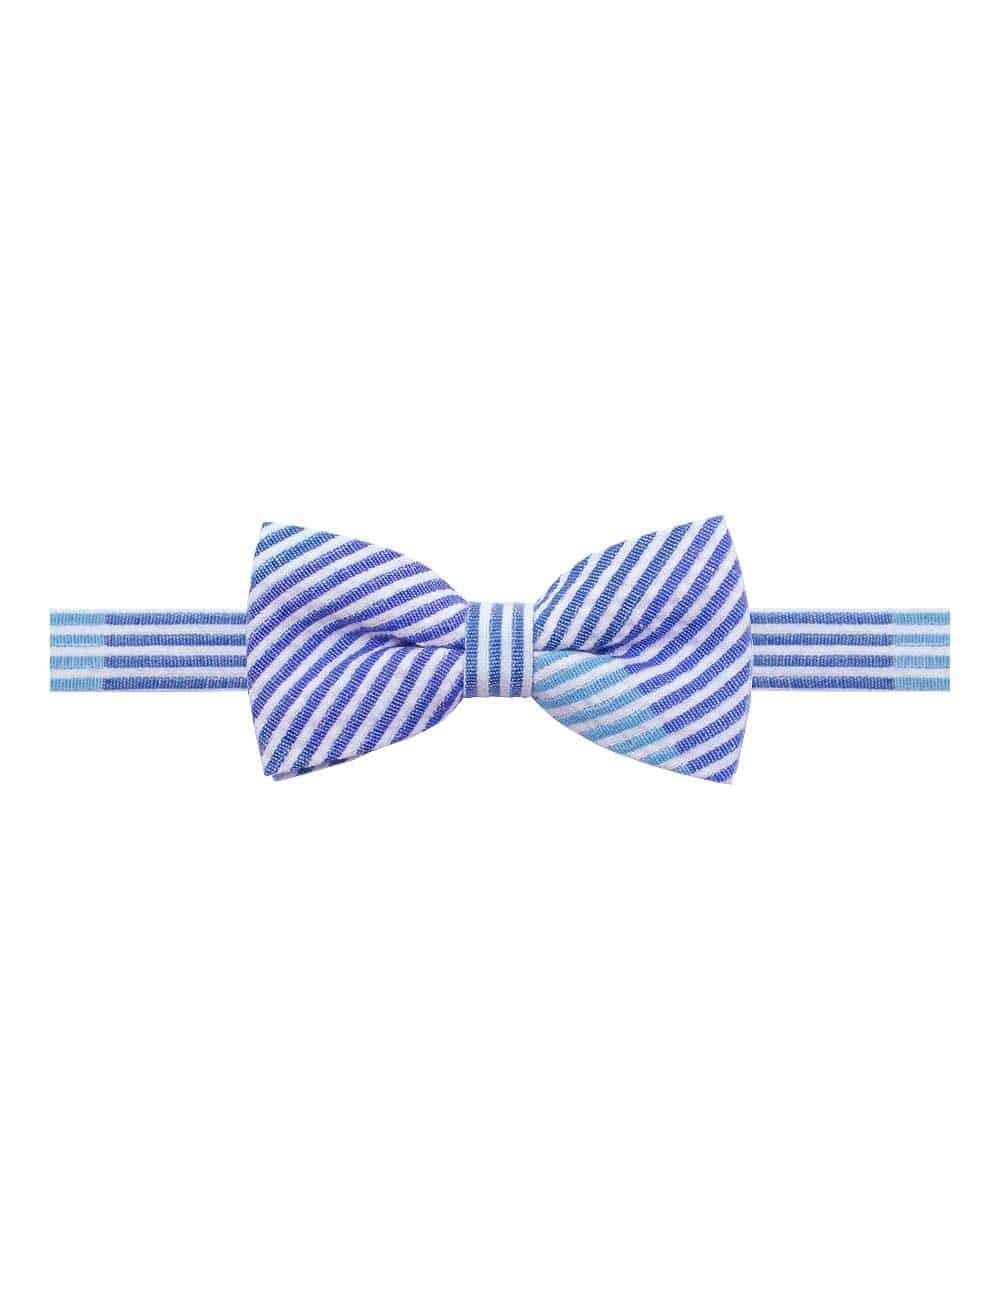 Blue Stripes Woven Bowtie WBT12.8